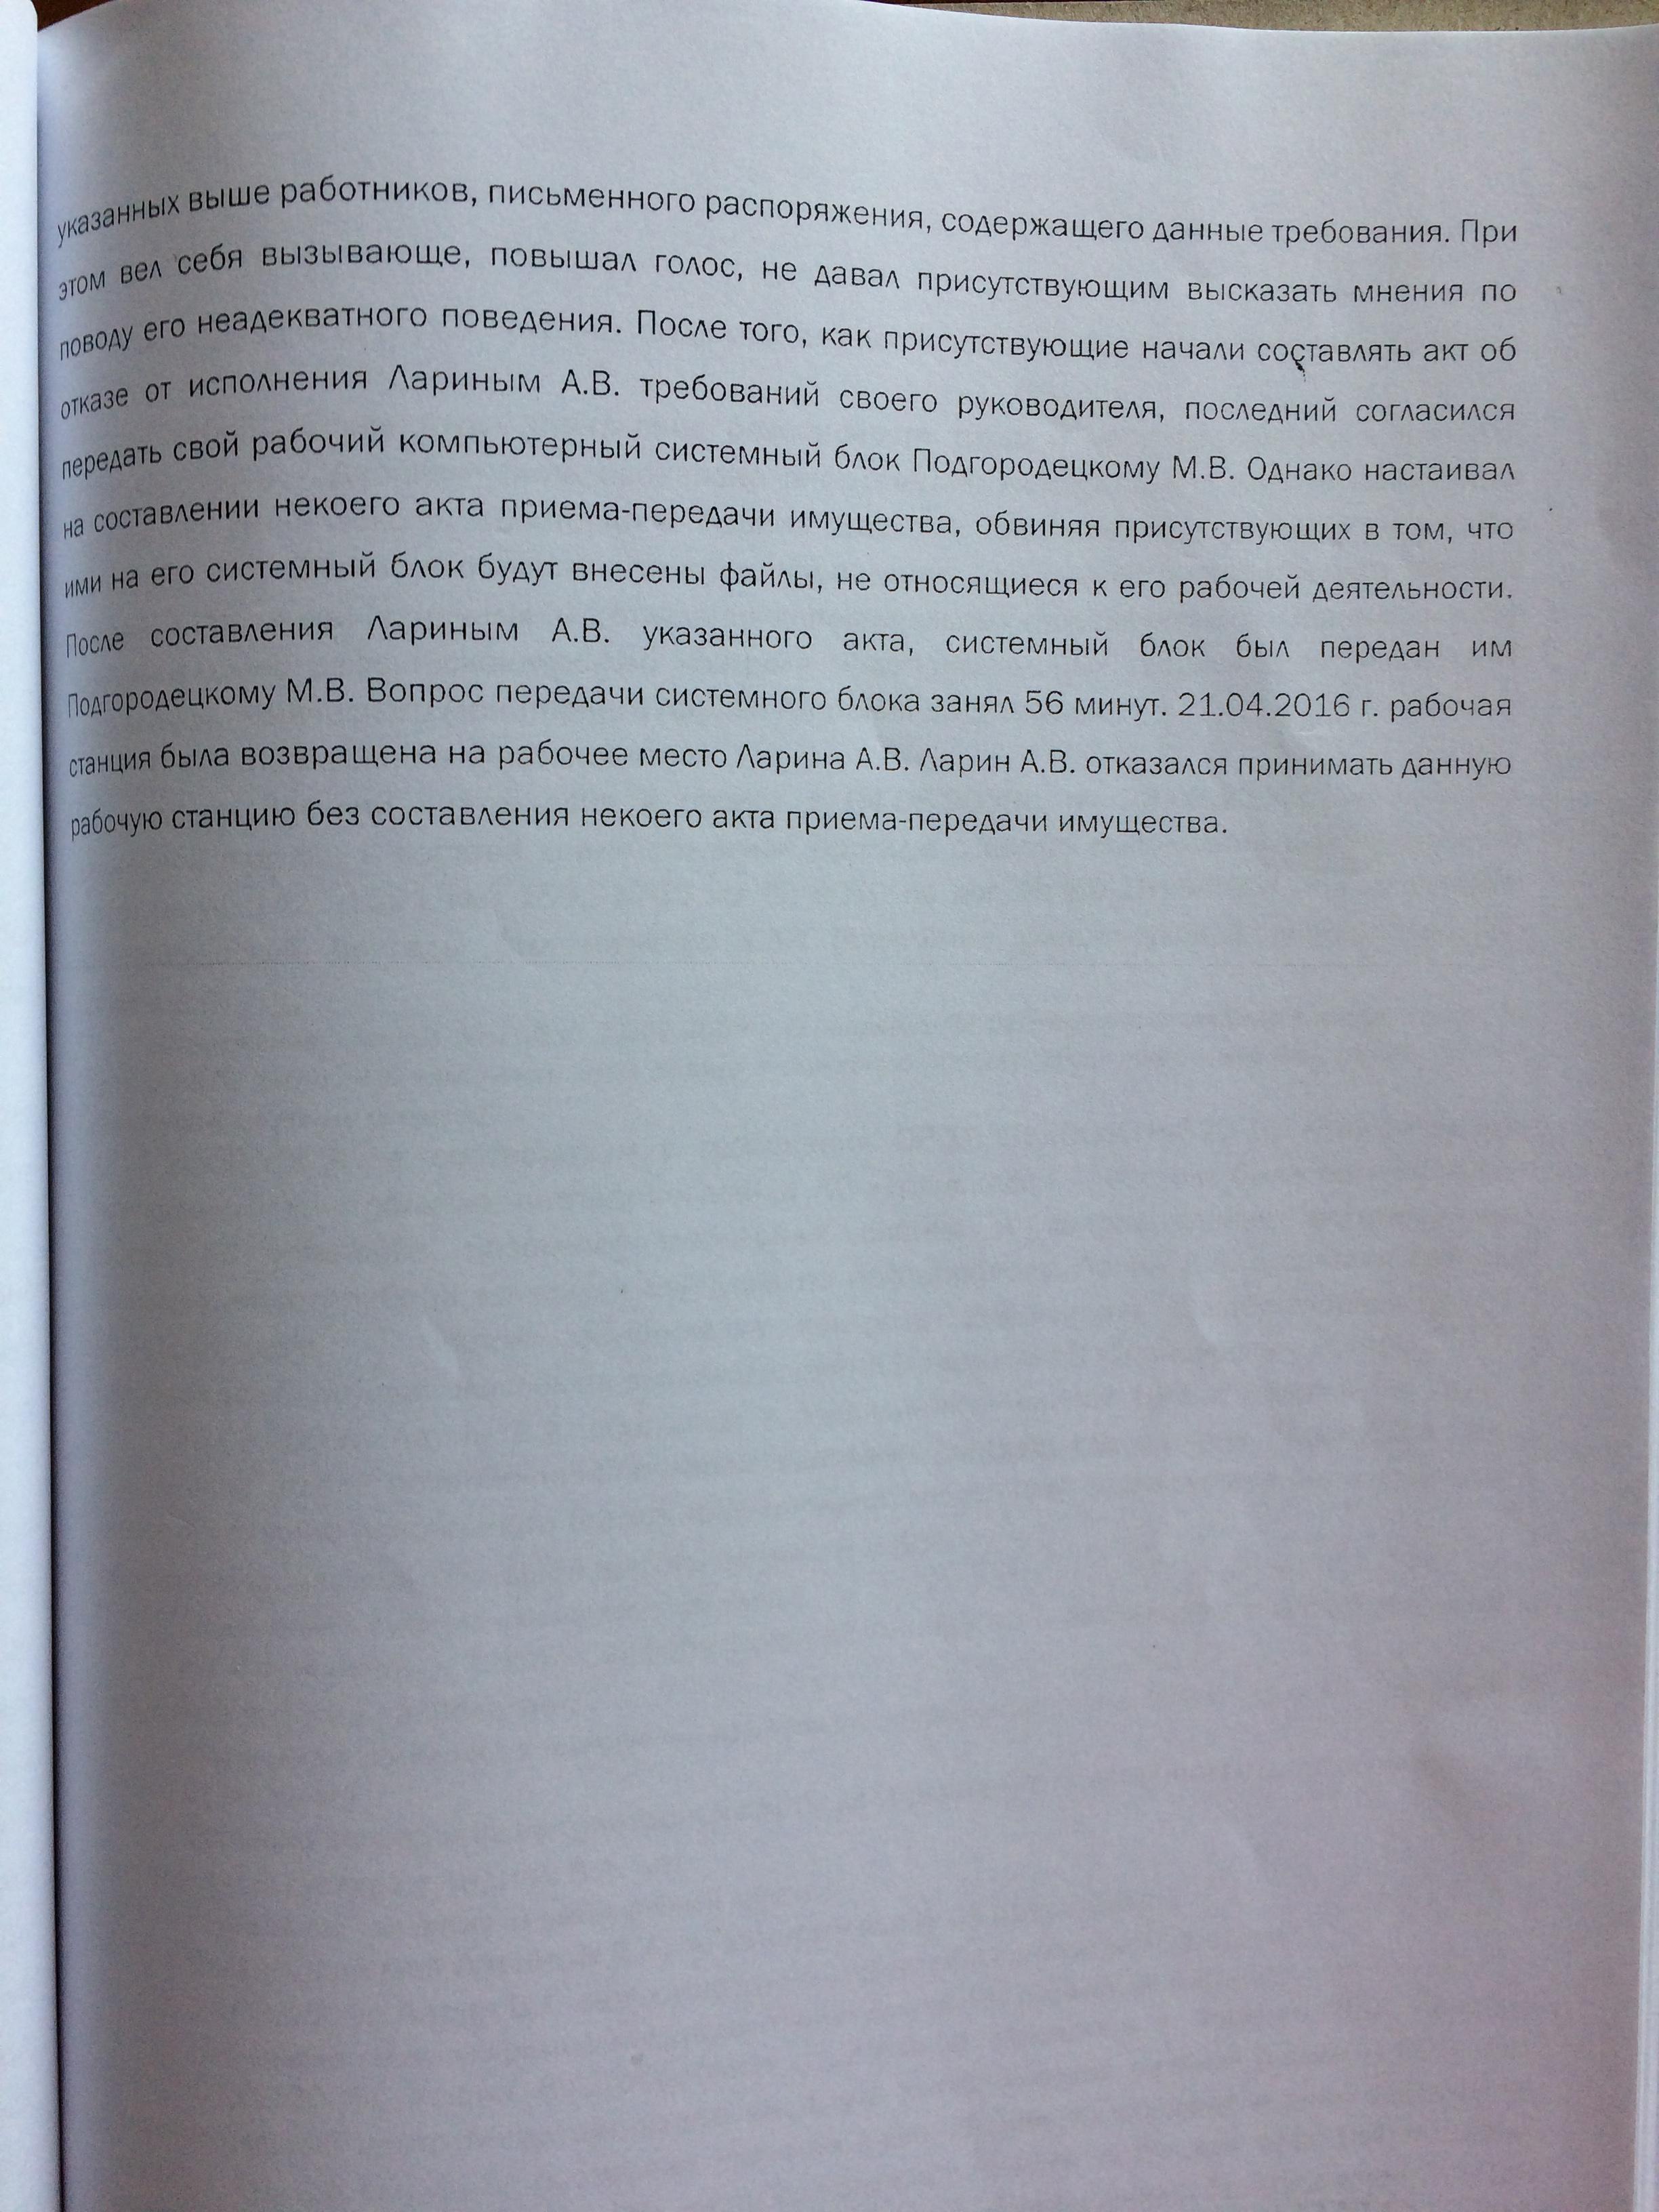 Фото документов проверки Луховицкой городской прокуратурой - 31 (5)